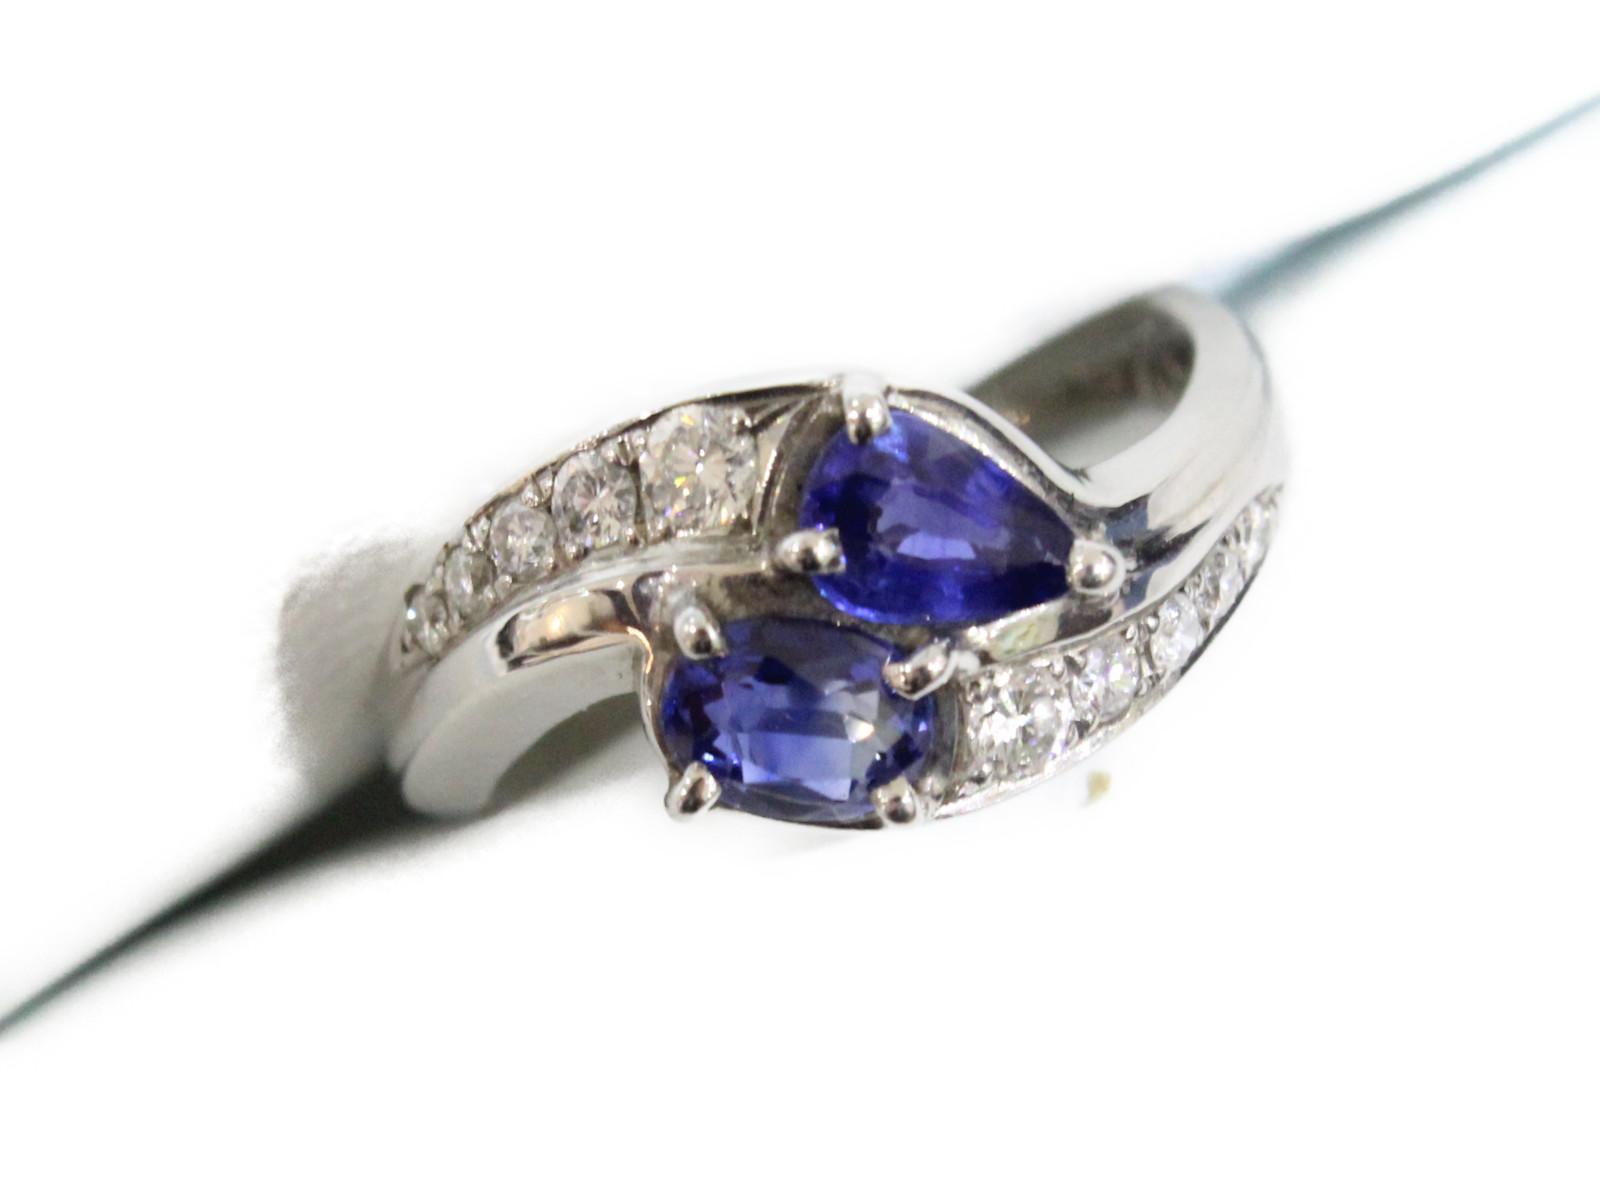 サファイアリングサファイア0.839ctダイヤモンド0.223ct6.2g 約10号ギフト包装可 【中古】